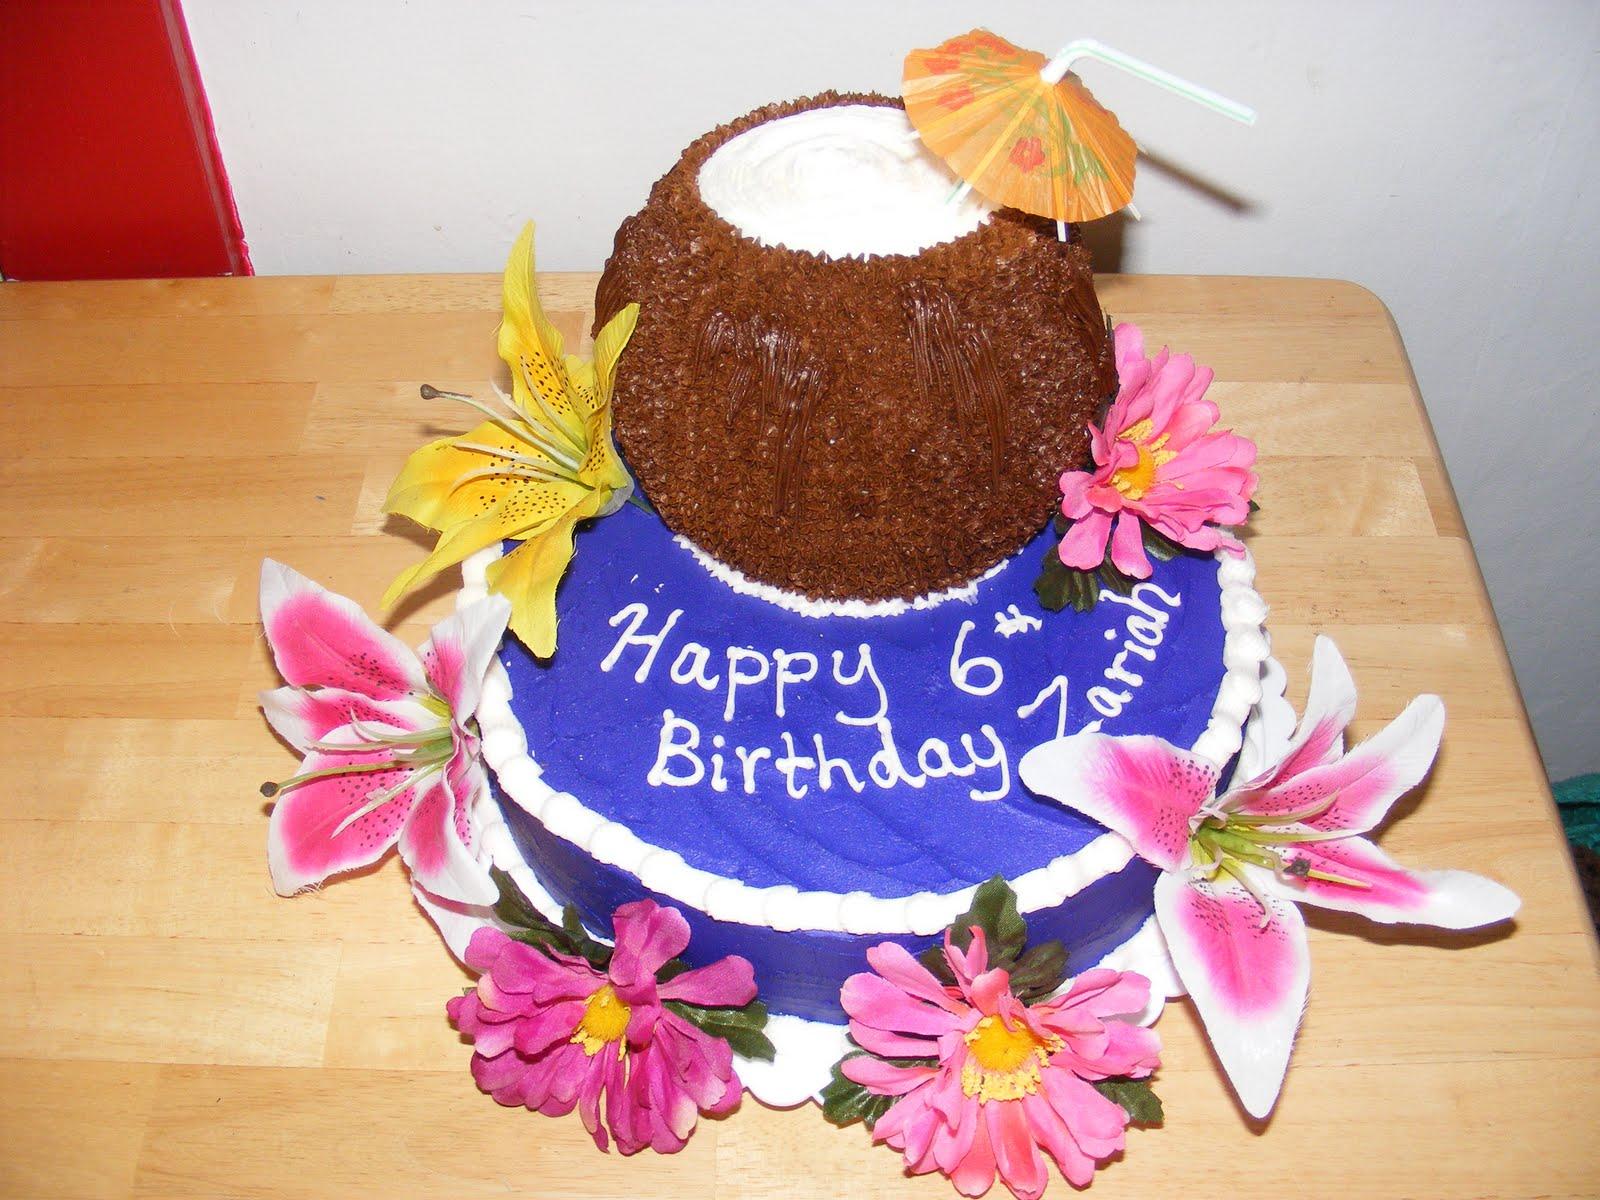 Legacy Cakes Zariahs 6th Birthday Cake